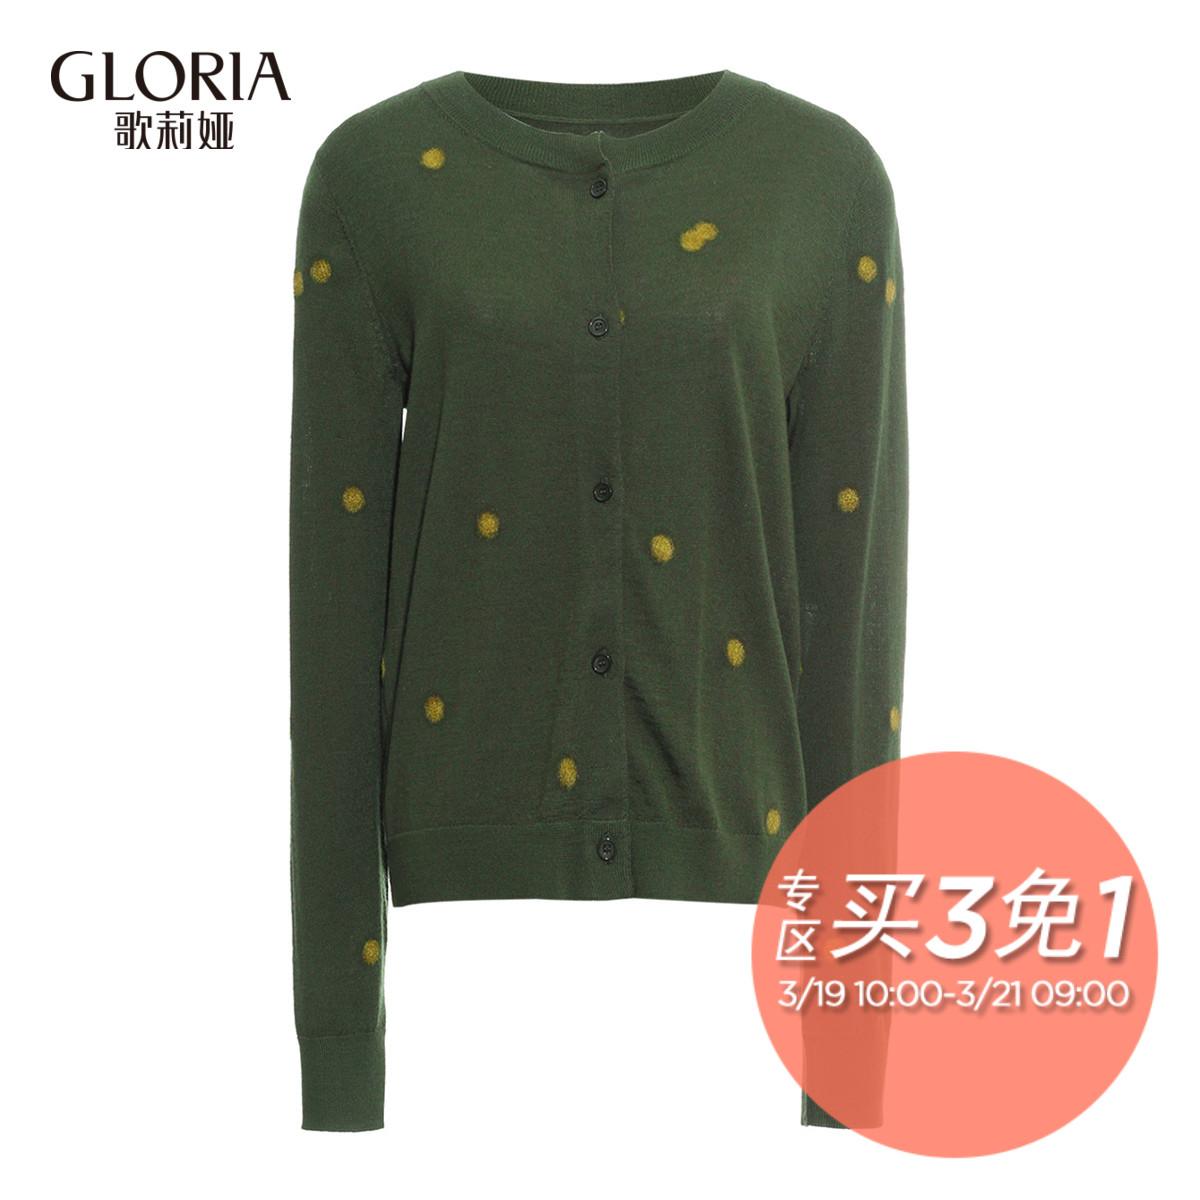 歌莉娅女装 GLORIA歌莉娅女装冬新品撞色波点羊毛开衫179K5F150_推荐淘宝好看的歌莉娅